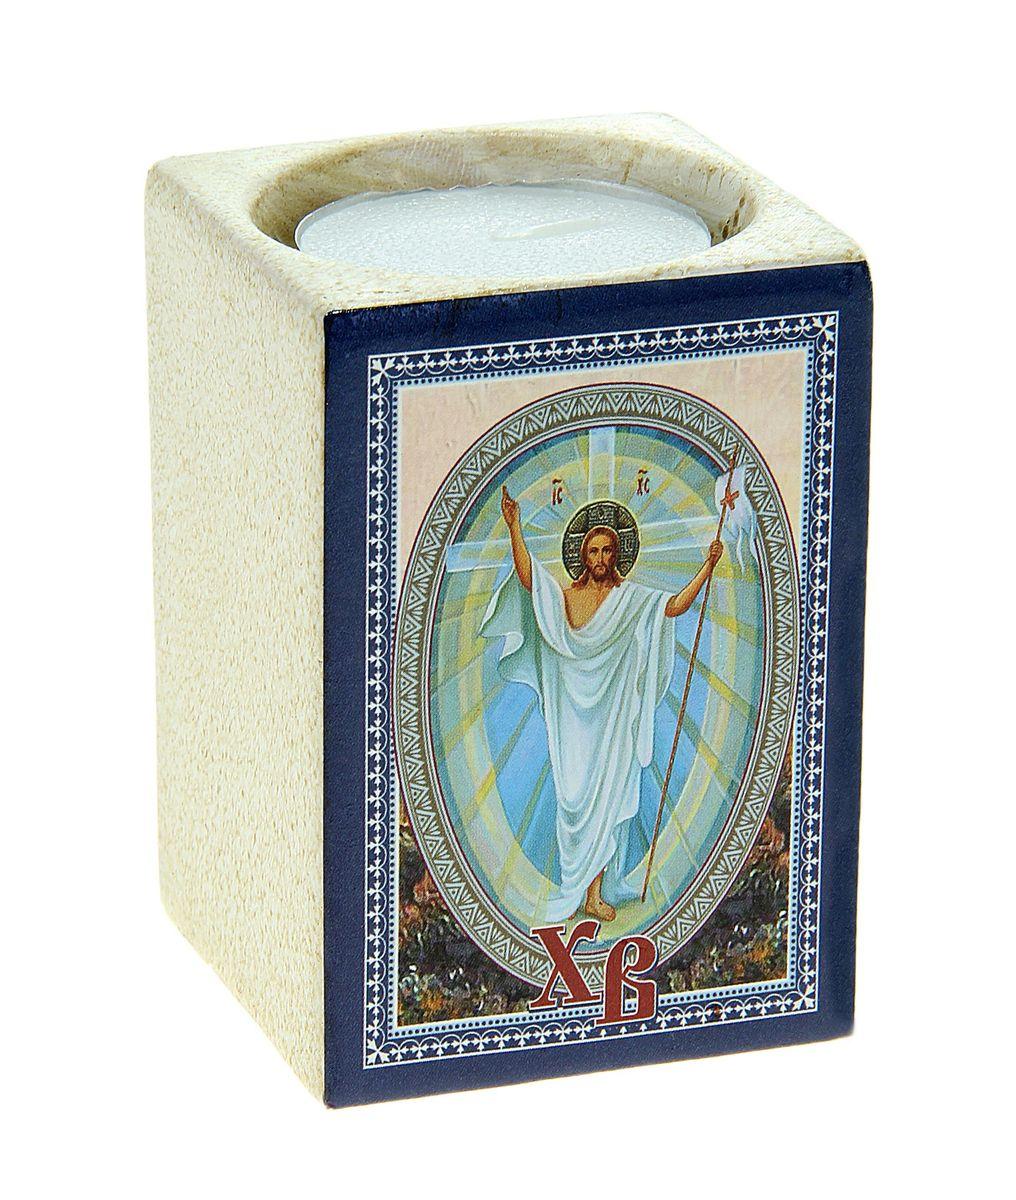 Подсвечник Sima-land Христос воскресший!, со свечой777903Подсвечник Sima-land Христос воскресший! изготовлен из качественной керамики, предназначен для свечи в гильзе. С одной стороны подсвечника изображен храм, с другой стороны написаны пожелания. Зажгите свечку поставьте ее в подсвечник и наслаждайтесь теплом, которое наполнит ваше сердце. В комплекте свеча. Такой подсвечник привнесет в ваш дом согласие и мир и будет прекрасным подарком, оберегающим близких вам людей. Размер подсвечника (ДхШхВ): 5 см х 5 см х 7 см. Диаметр отверстия для свечи: 4,5 см.